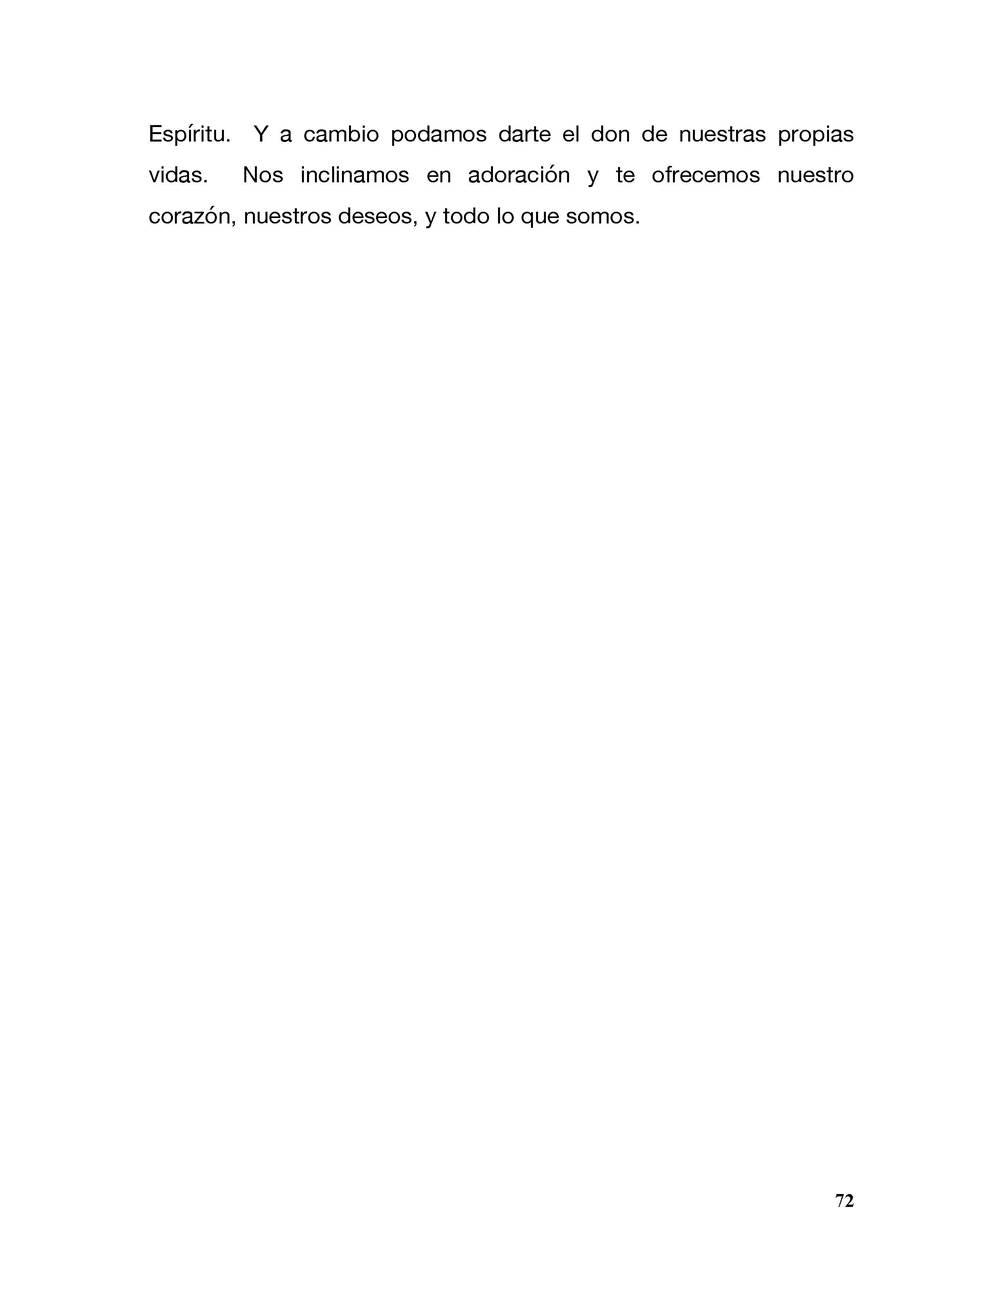 file-page72.jpg